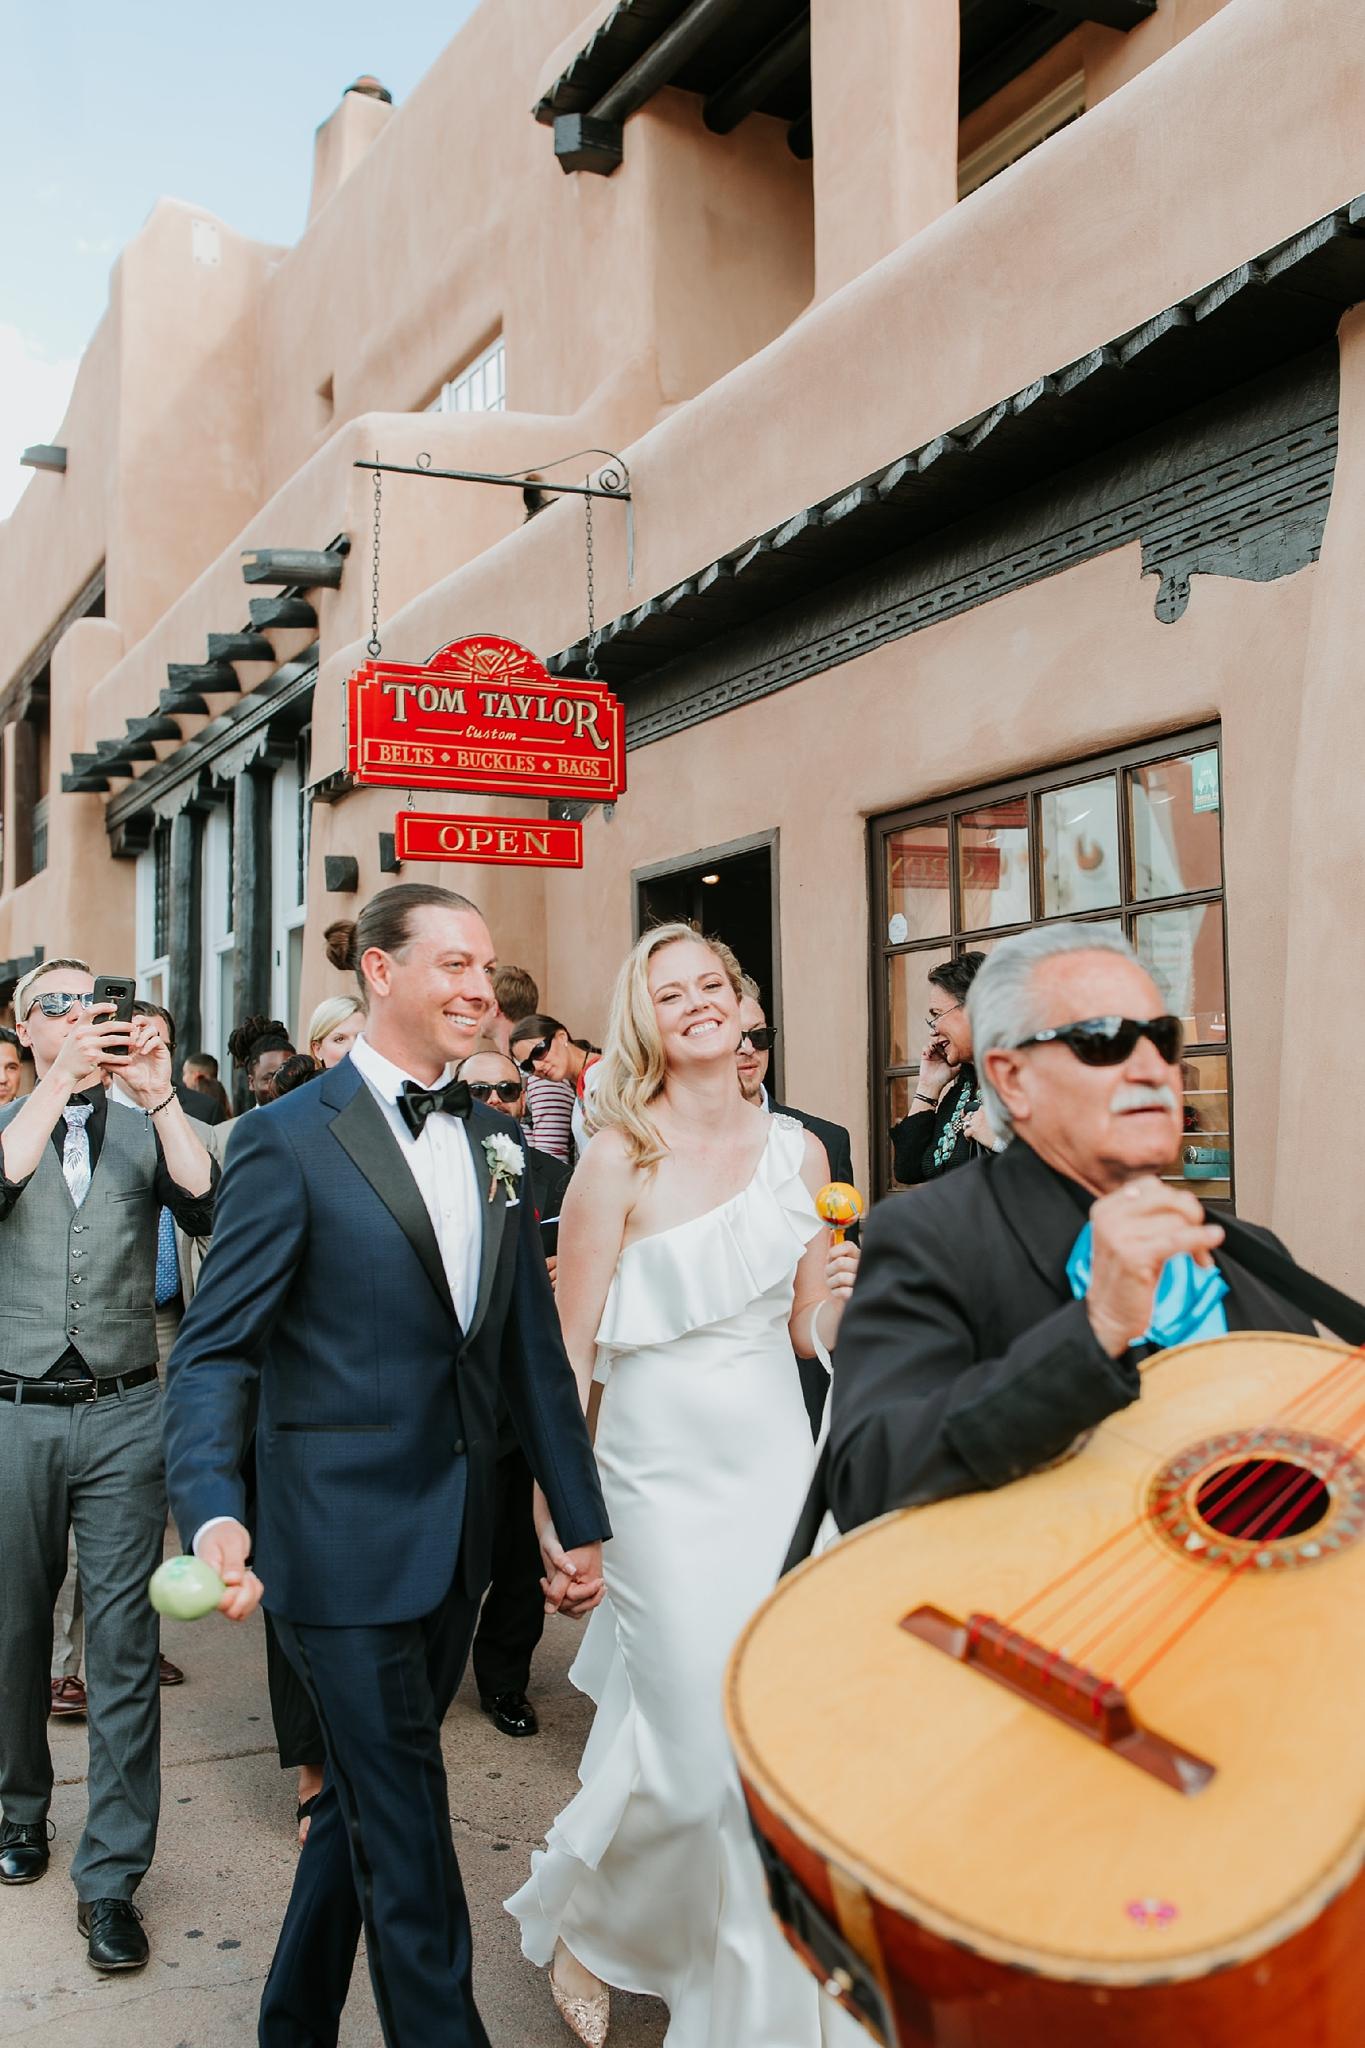 Alicia+lucia+photography+-+albuquerque+wedding+photographer+-+santa+fe+wedding+photography+-+new+mexico+wedding+photographer+-+new+mexico+wedding+-+santa+fe+wedding+-+albuquerque+wedding+-+southwest+wedding+traditions_0070.jpg